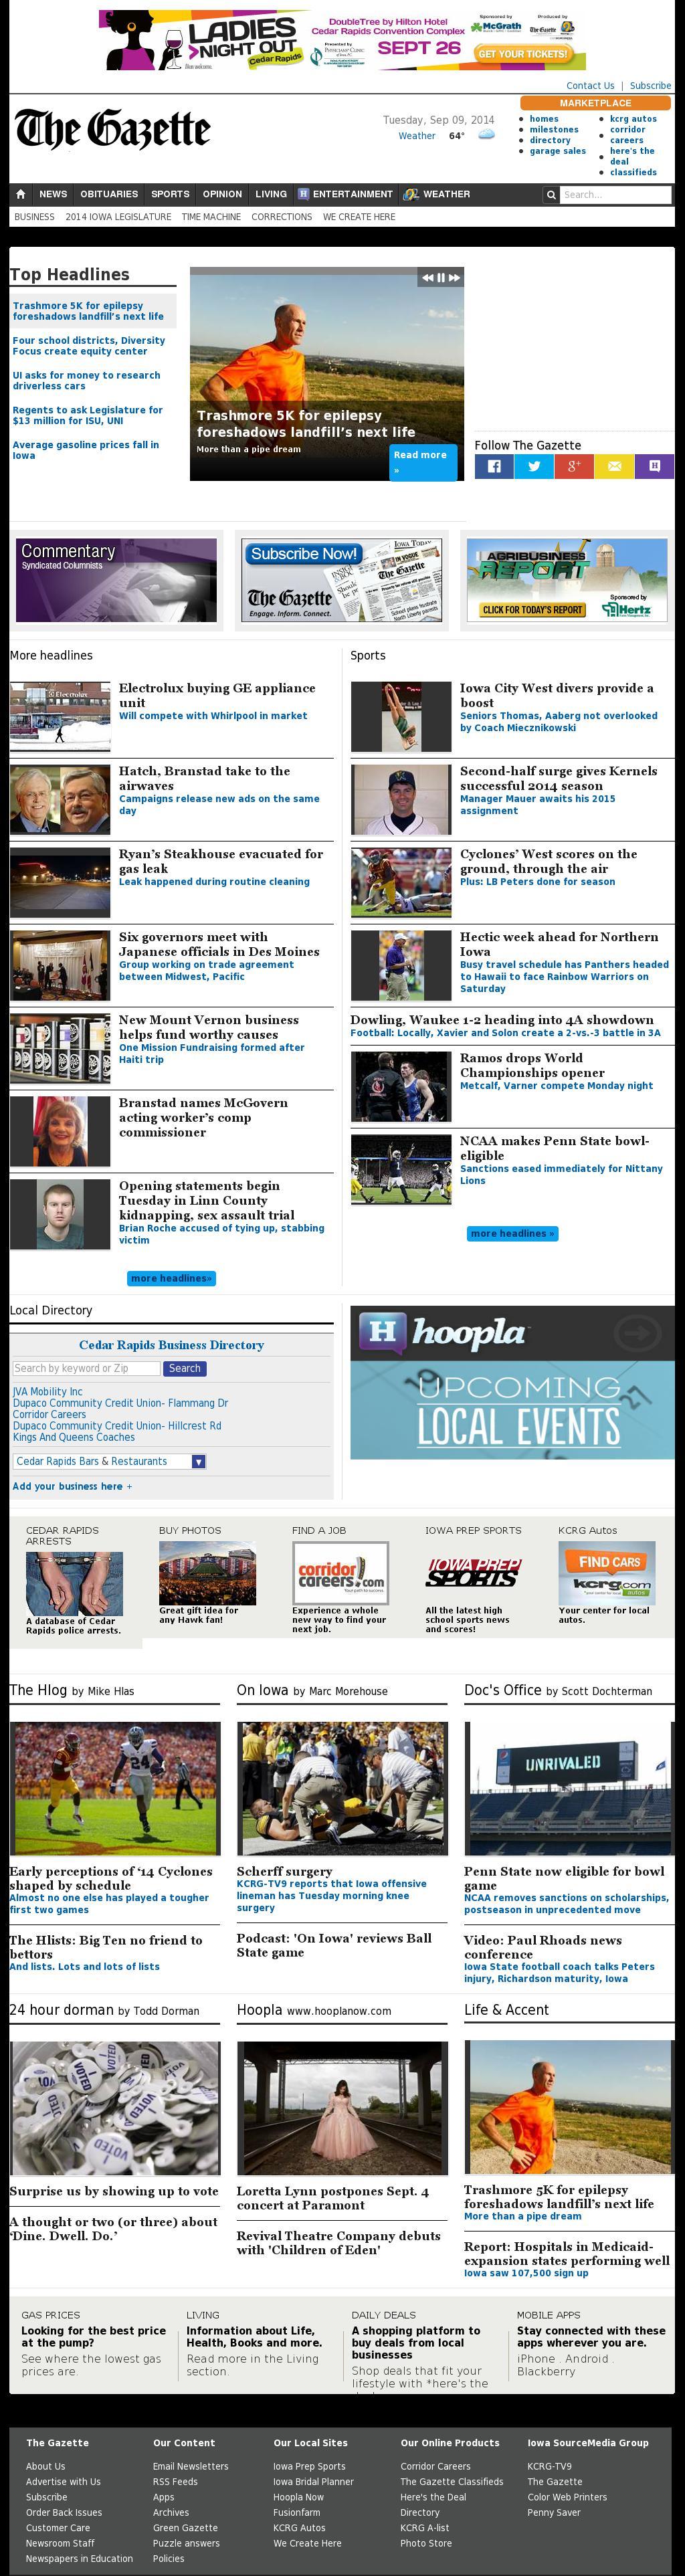 The (Cedar Rapids) Gazette at Tuesday Sept. 9, 2014, 2:06 p.m. UTC